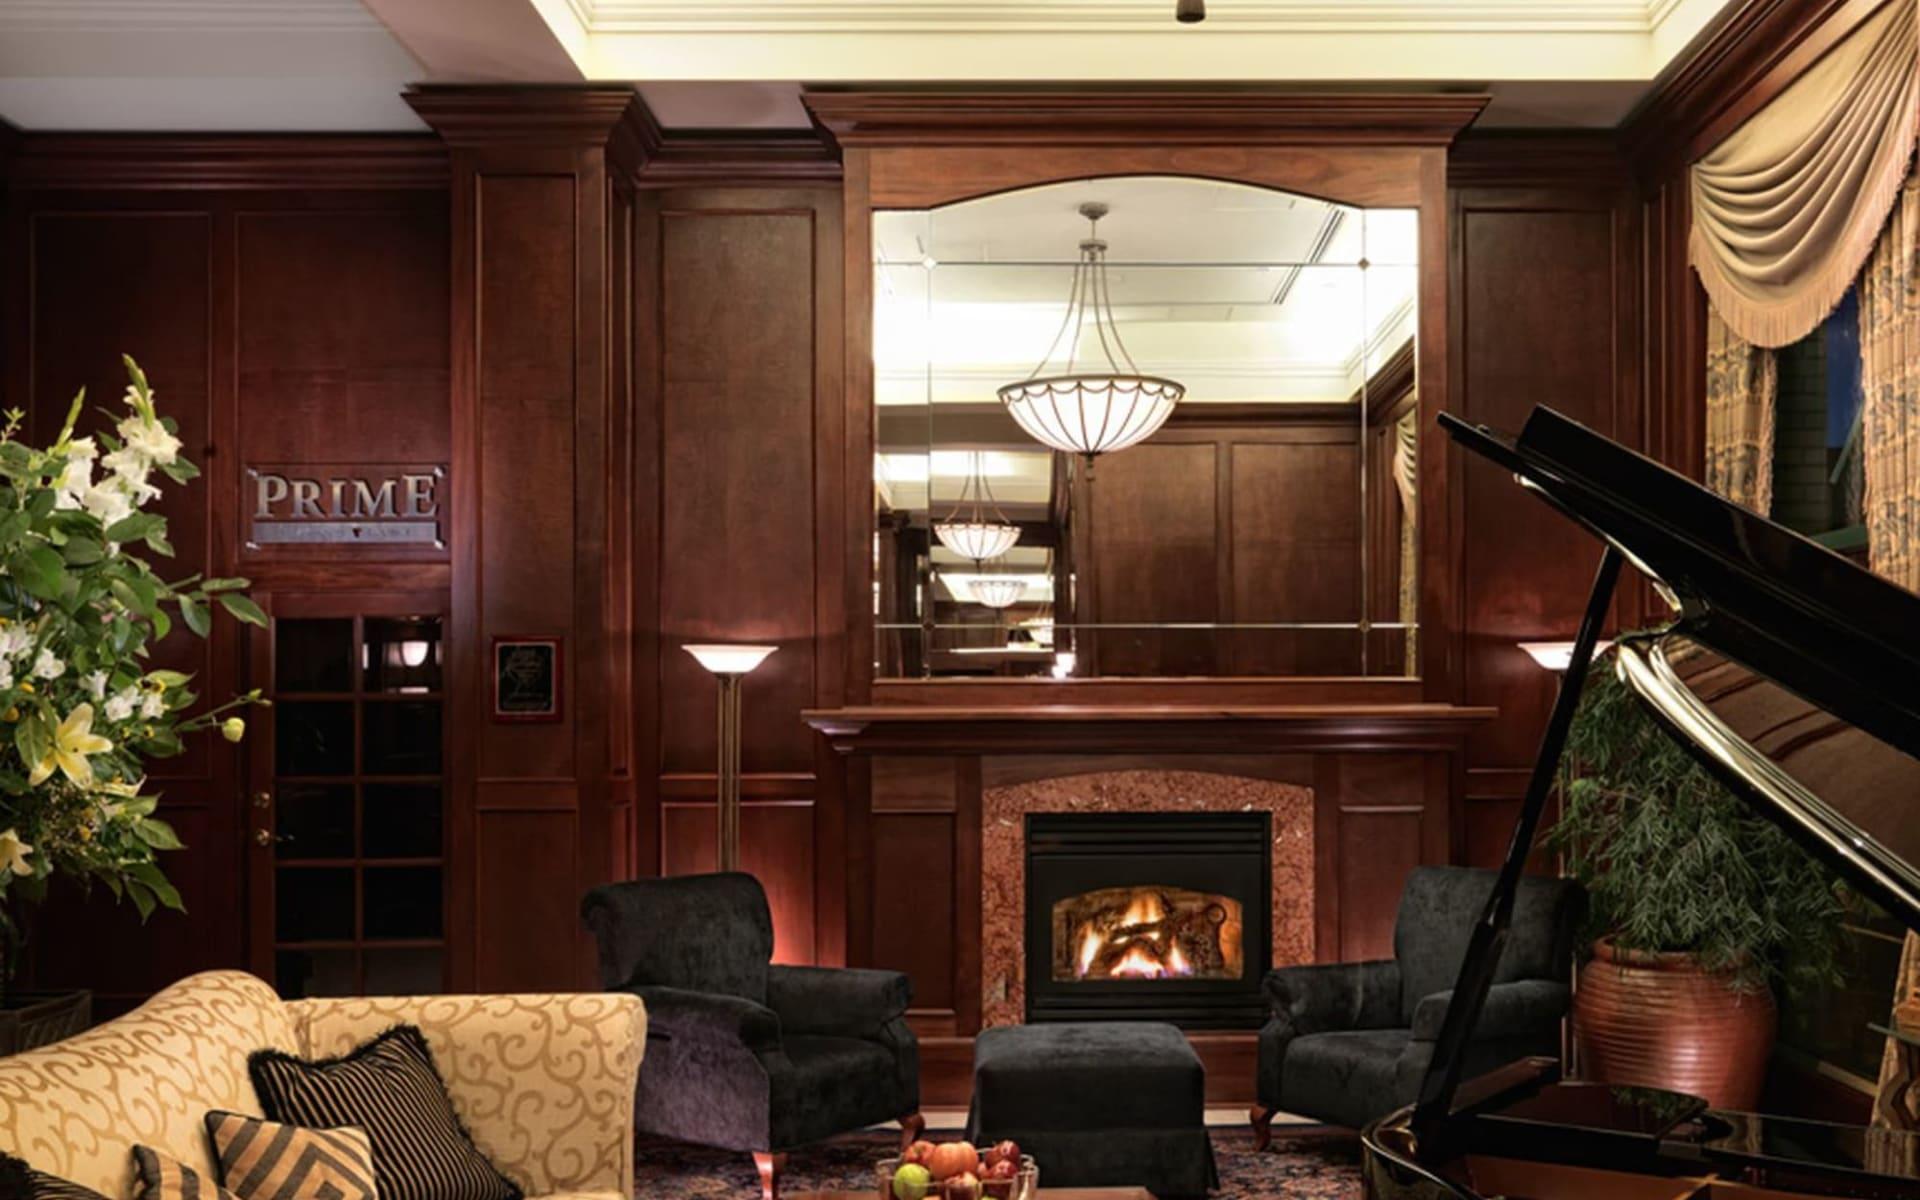 Magnolia Hotel & Spa in Victoria: Magnolia Hotel & Spa_Lobby